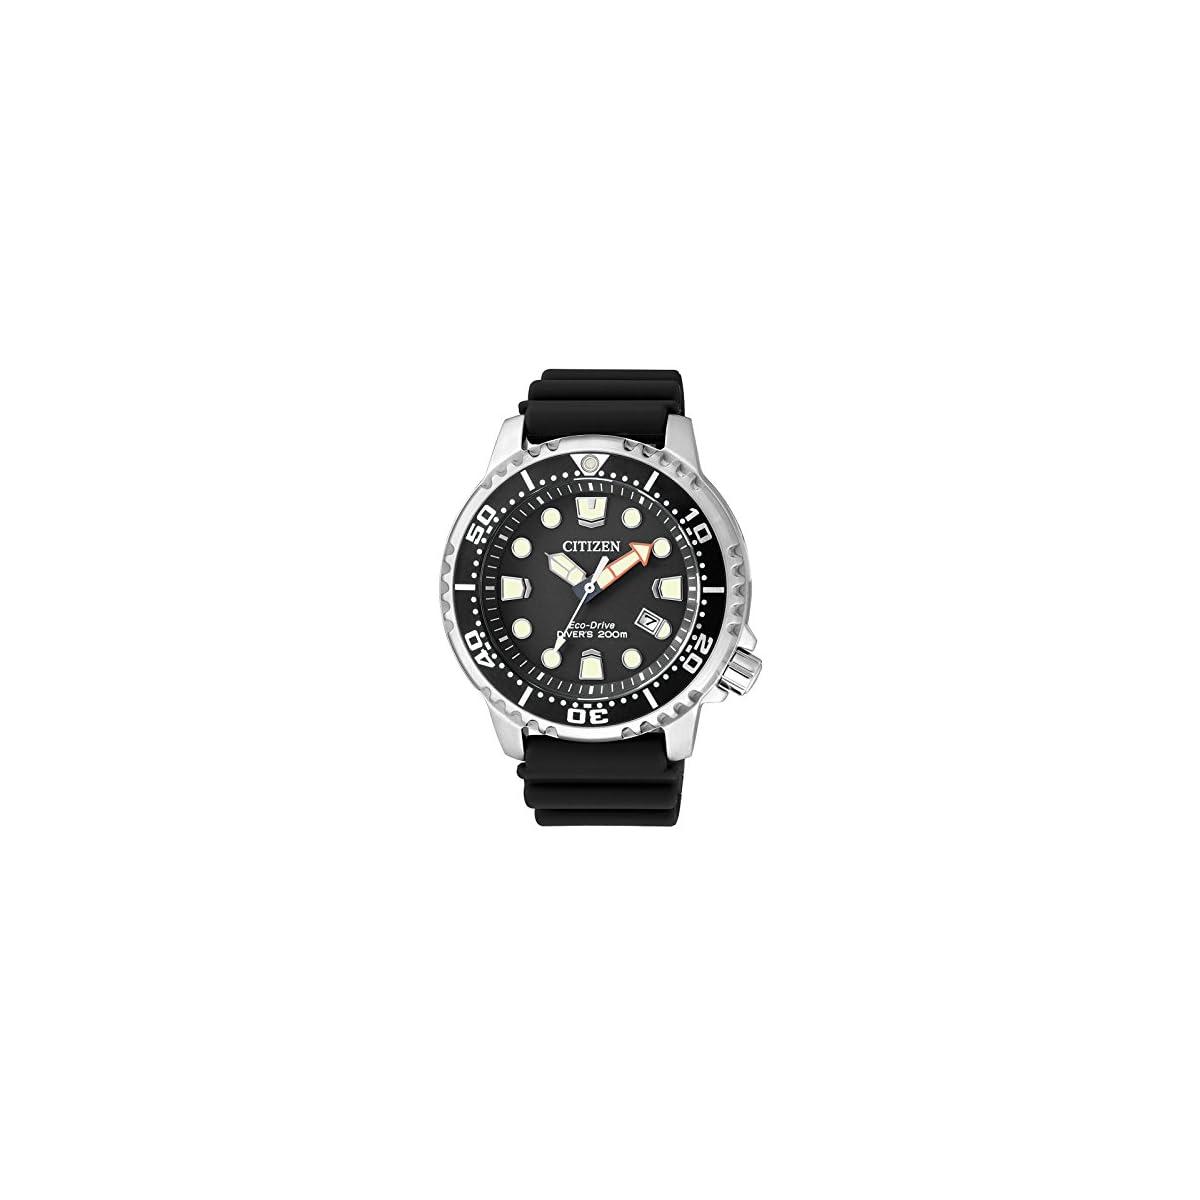 51RlsWV2IIL. SS1200  - Citizen Reloj Analógico para Hombre de Cuarzo con Correa en Poliuretano BN0150-10E